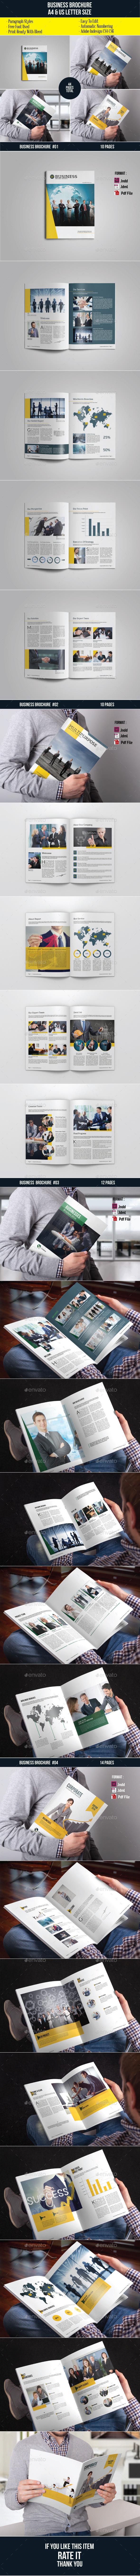 Business Brochure Bundle Vol. 01 - Corporate Brochures